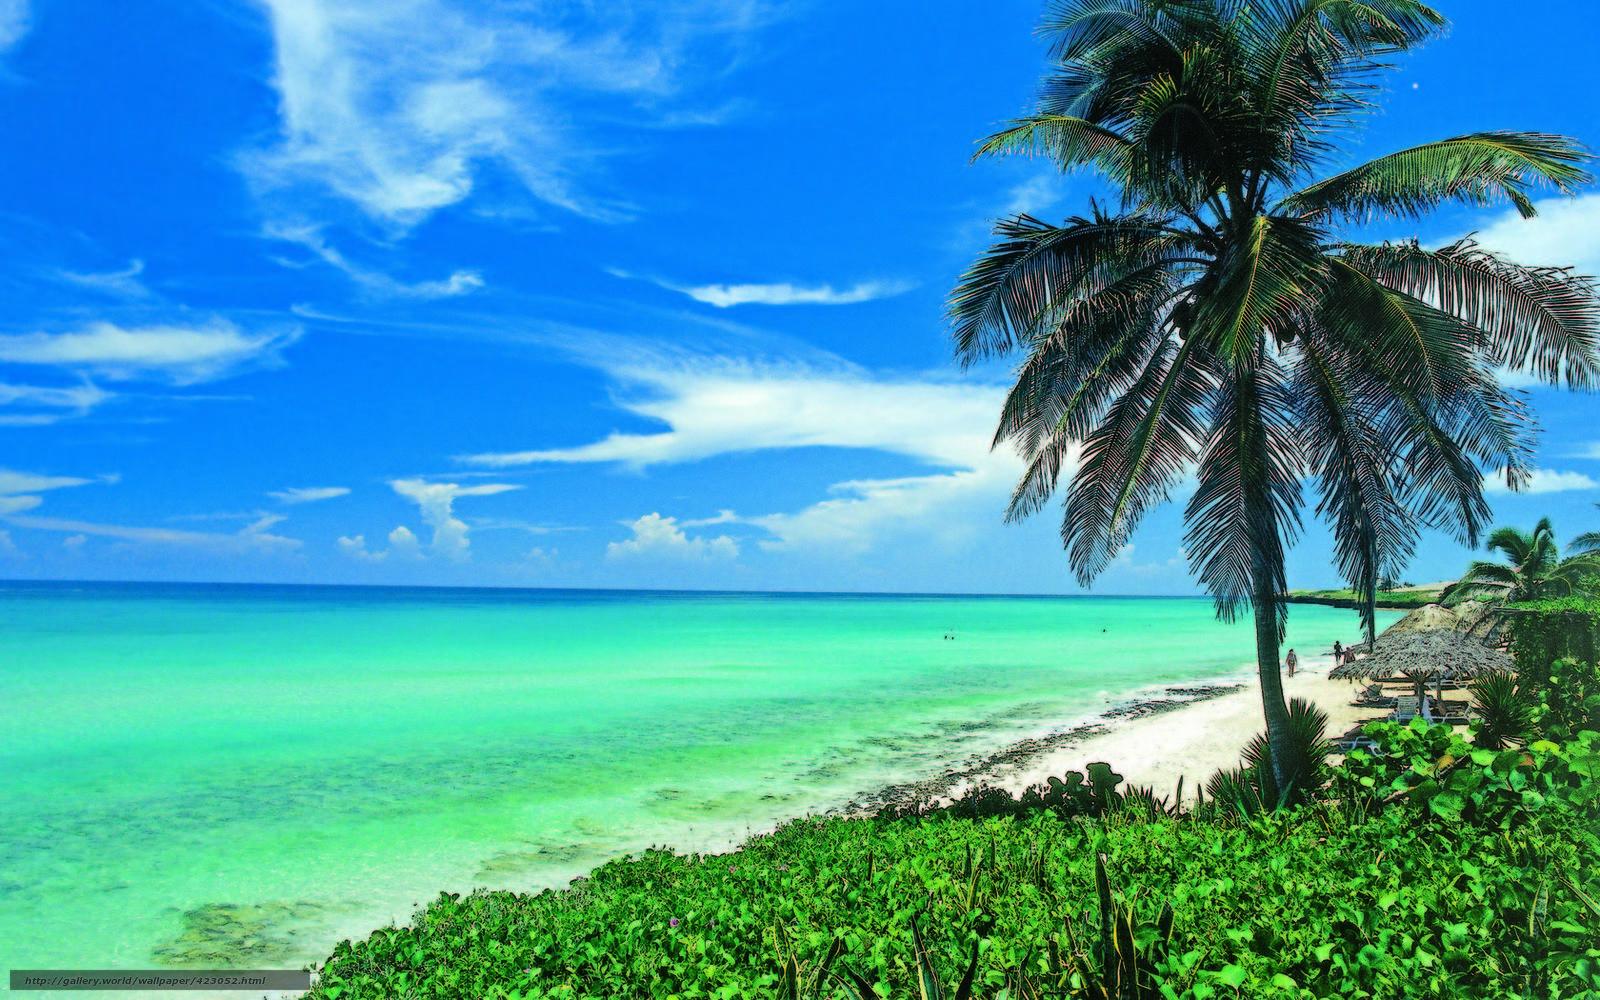 Фотографии кубинских пляжей 9 фотография